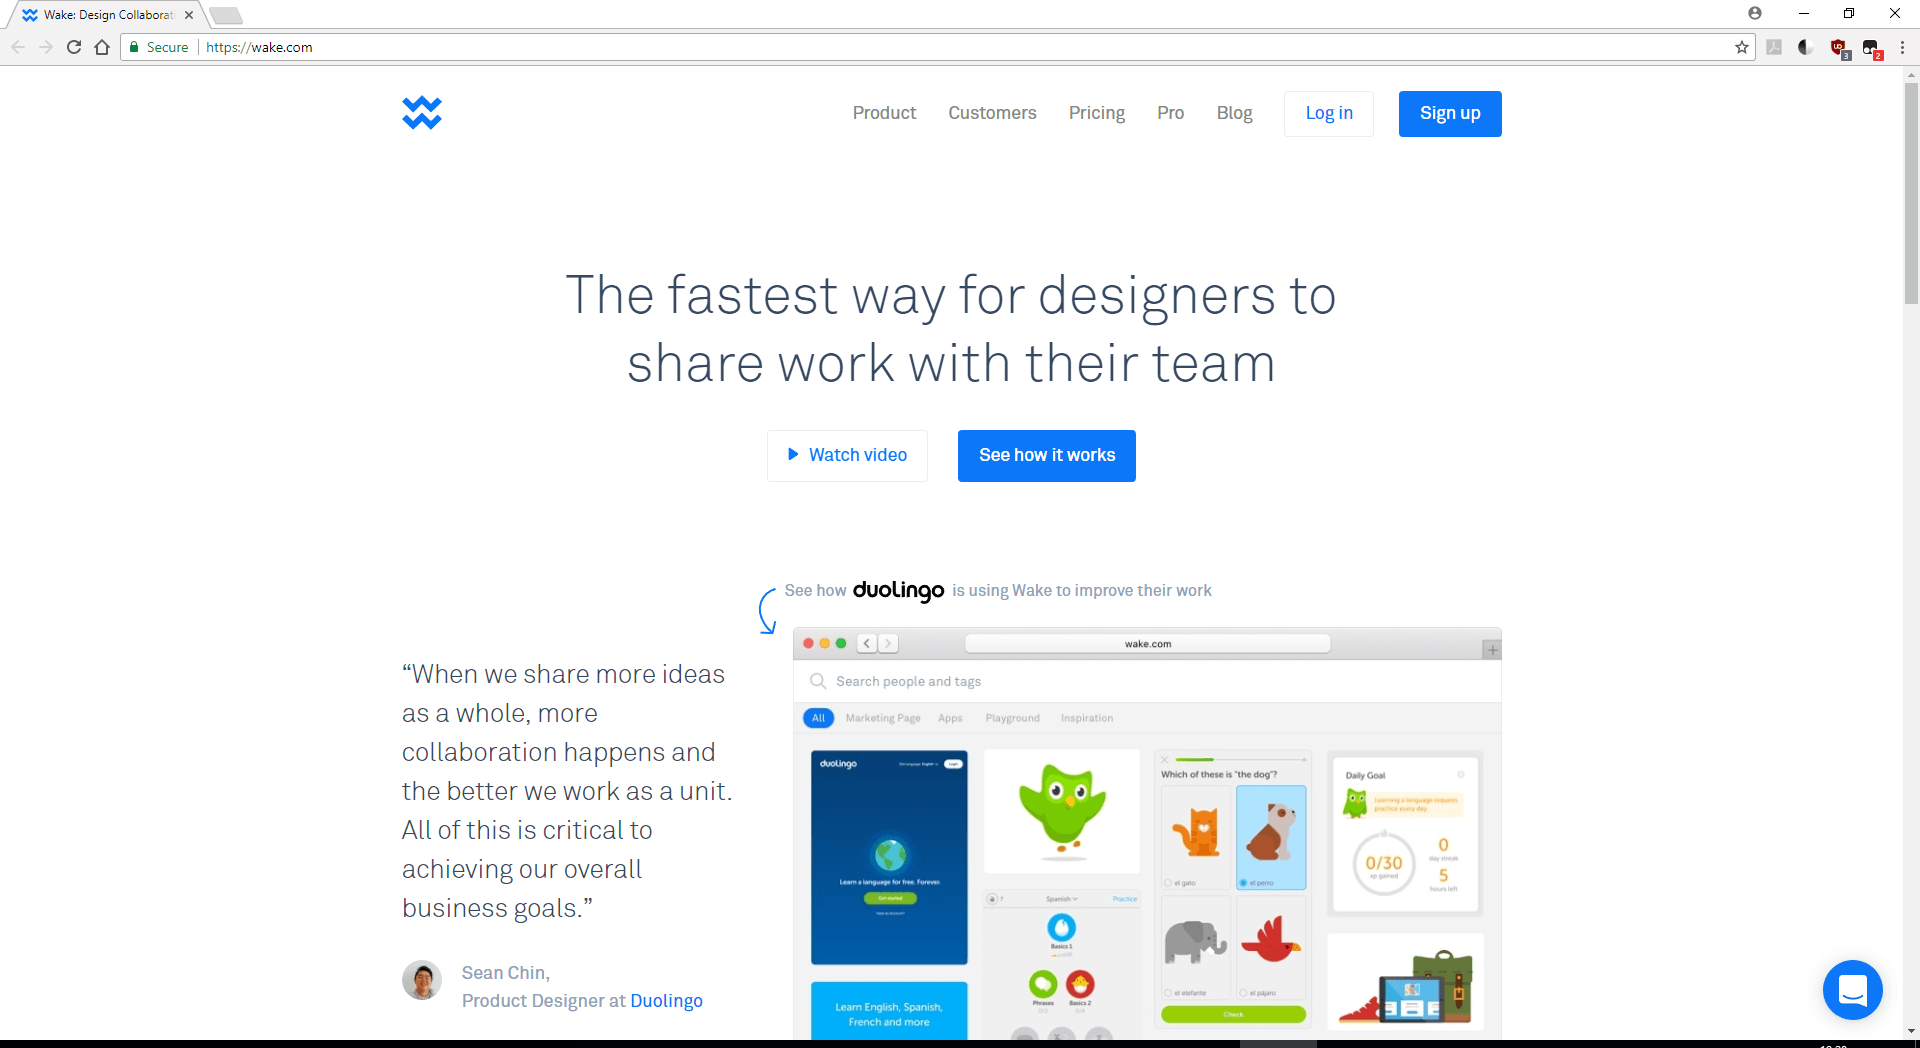 wake.com